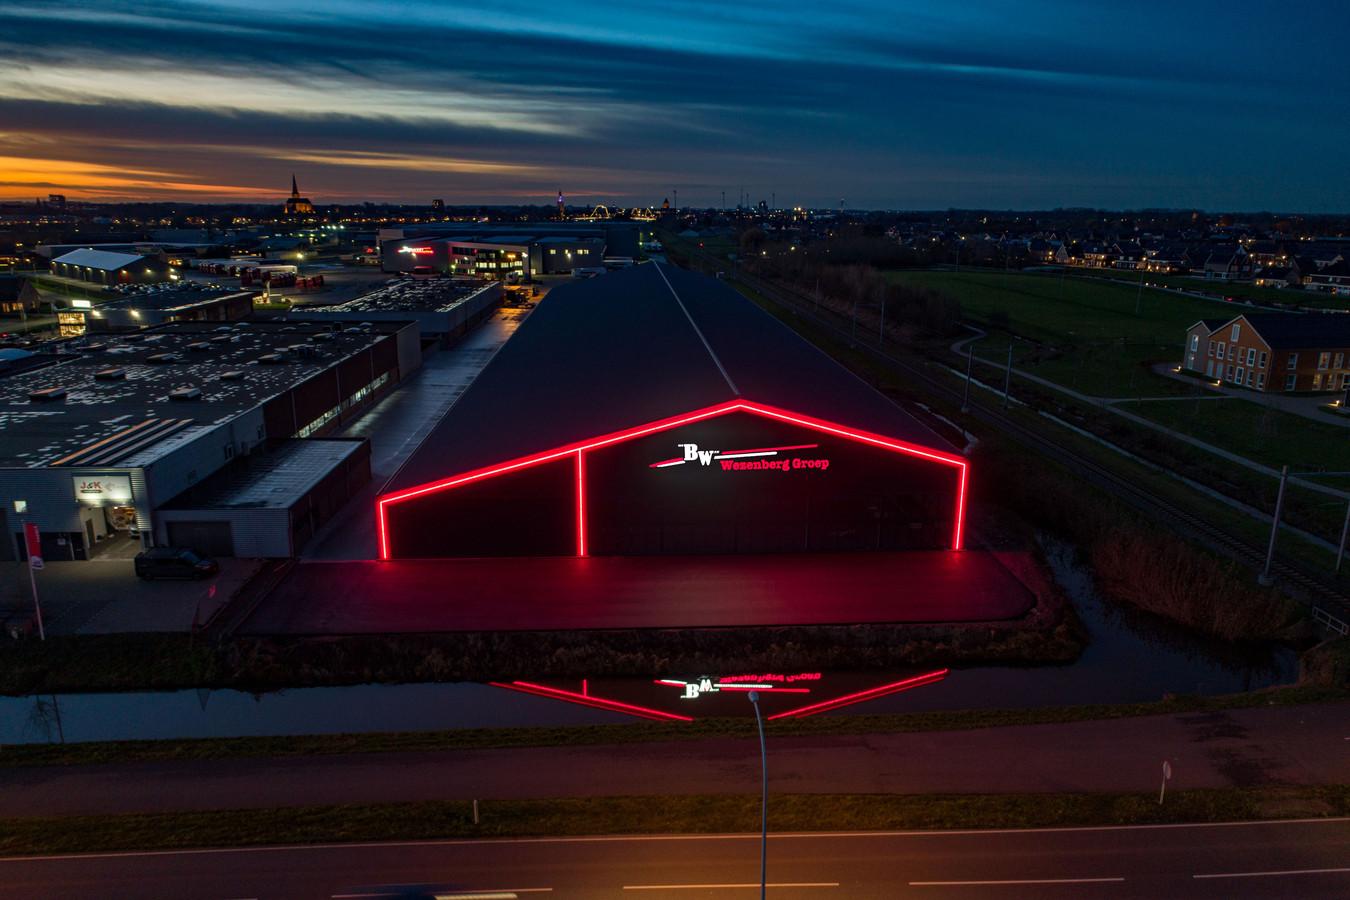 Transportbedrijf Wezenberg heeft zijn bedrijf aan de Spoorstraat/Oosterlandenweg in het licht gezet. Rood licht. En de buren zijn daar niet zo blij mee.